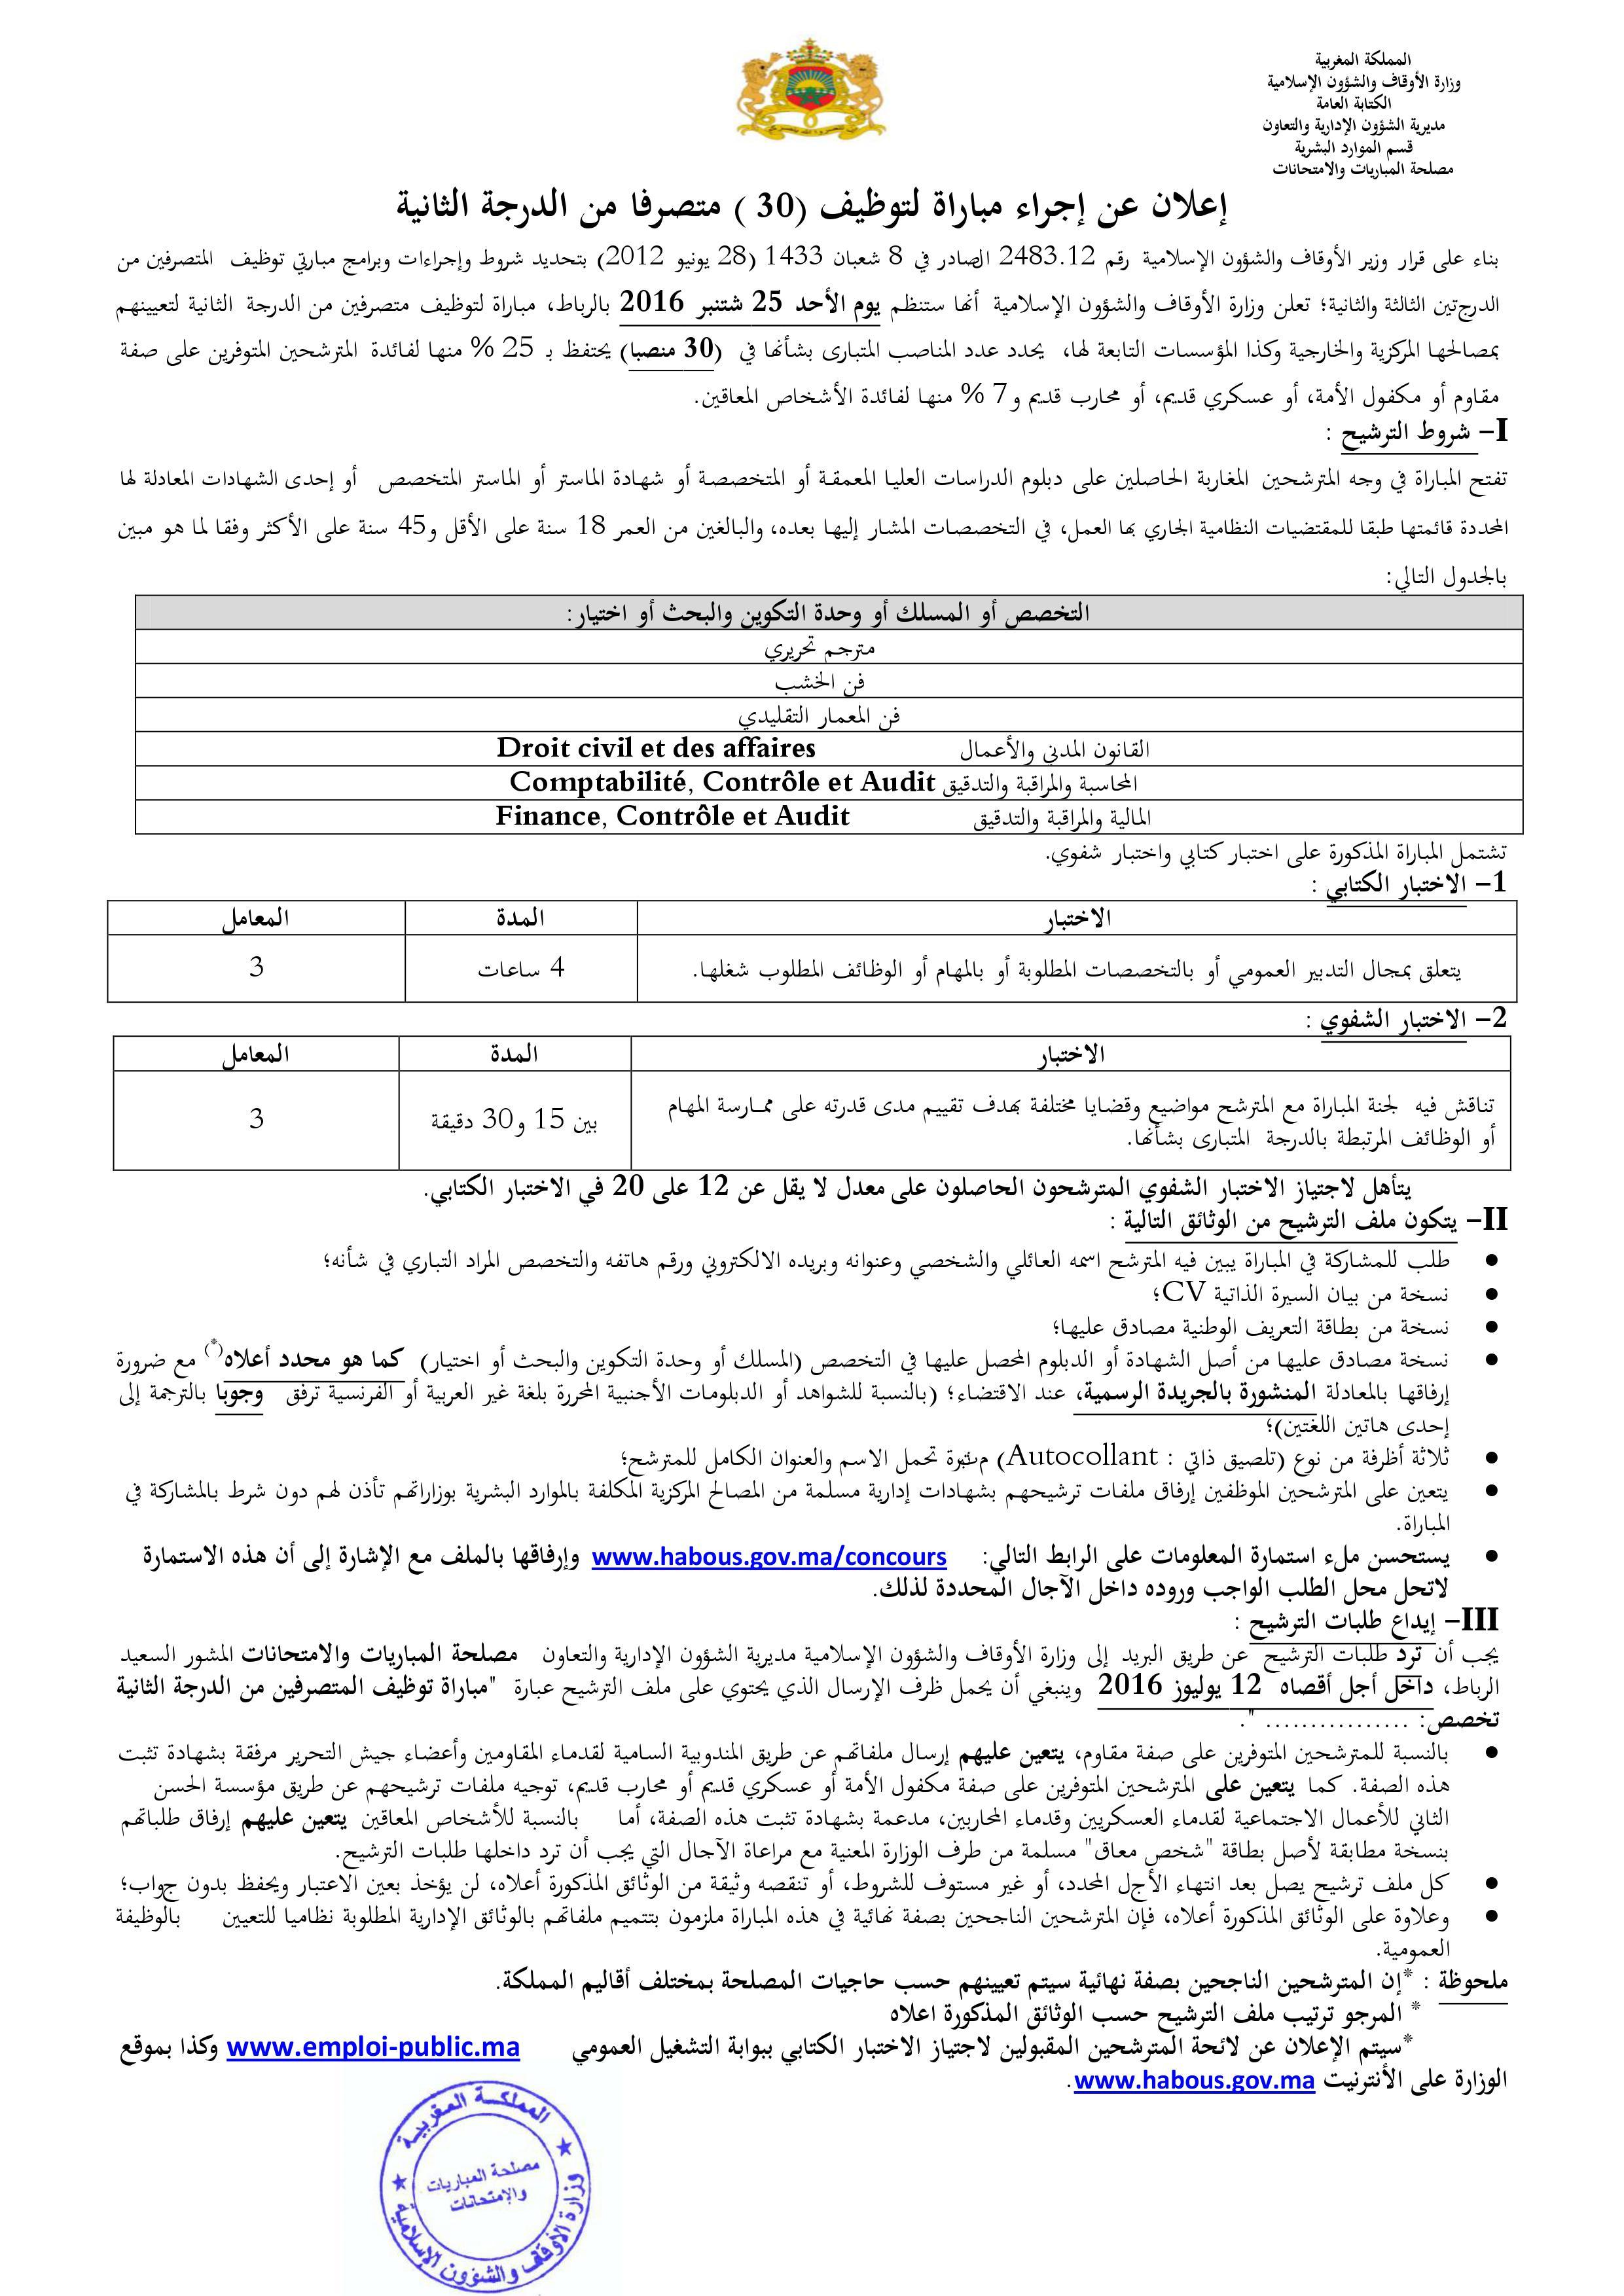 وزارة الأوقاف والشؤون الإسلامية: مباراة توظيف متصرف من الدرجة الثانية ~ سلم 11-  آخر أجل لإيداع الترشيحات:12 يوليوز 2016.